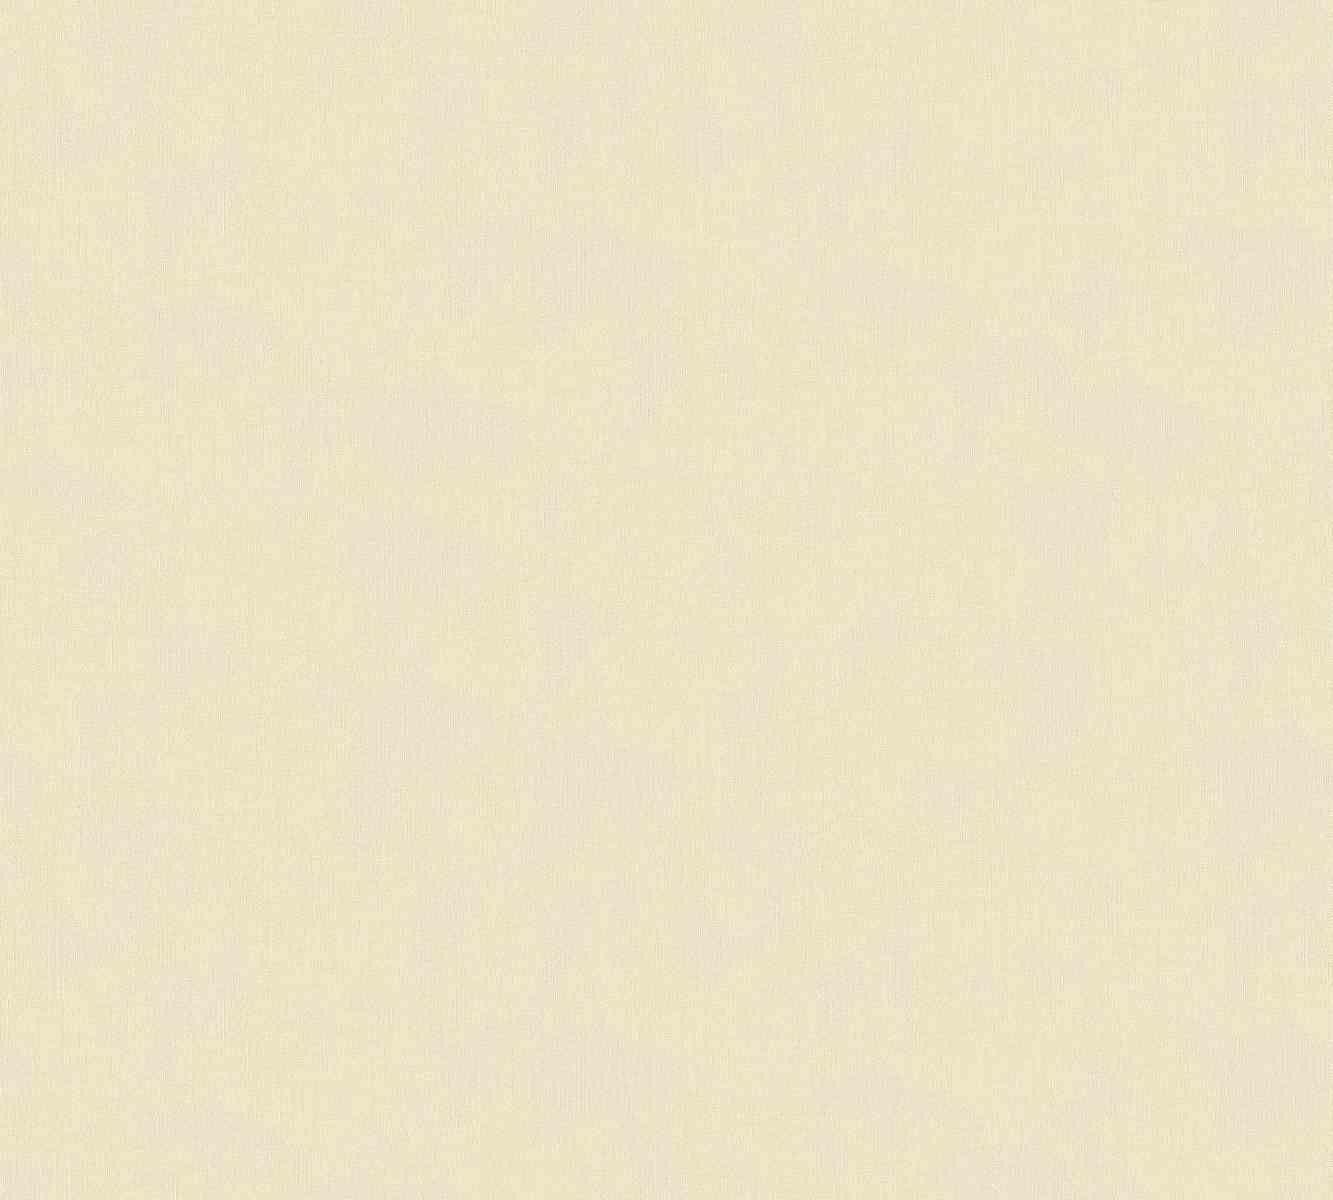 mystique plain colour wall paper beige metallic 335914